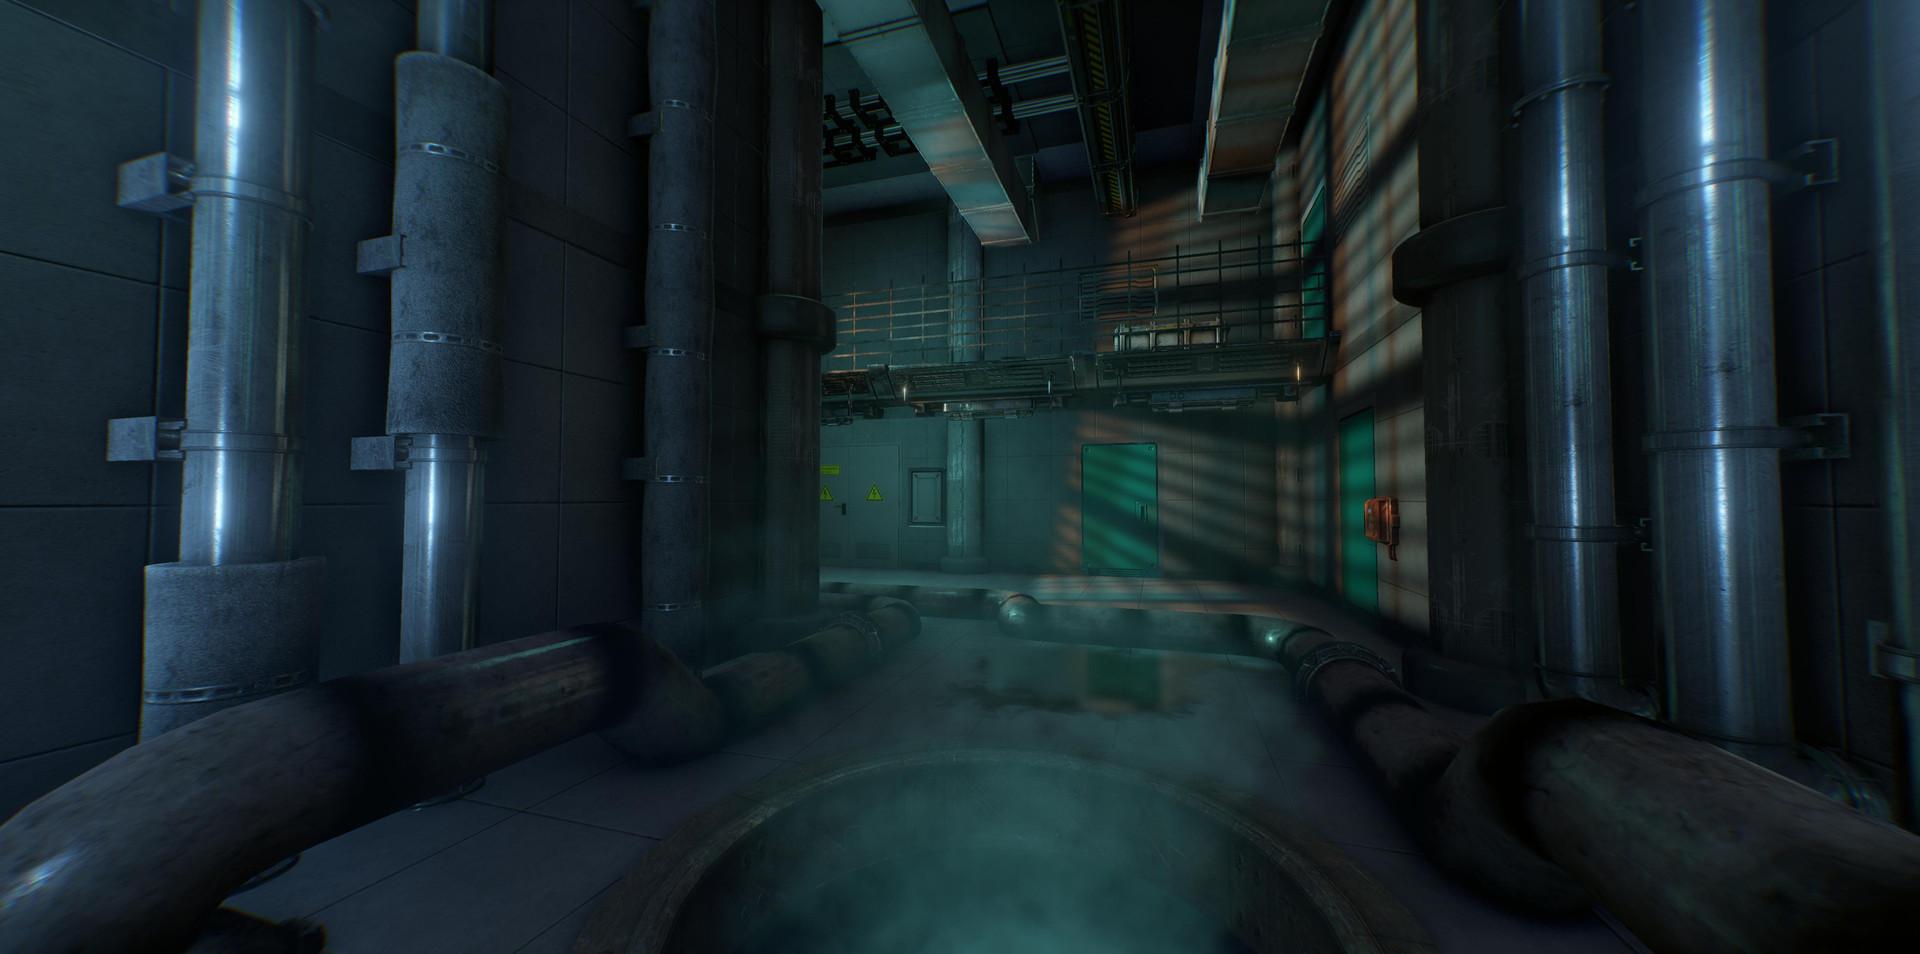 ER_Cyberpunk_19.jpg